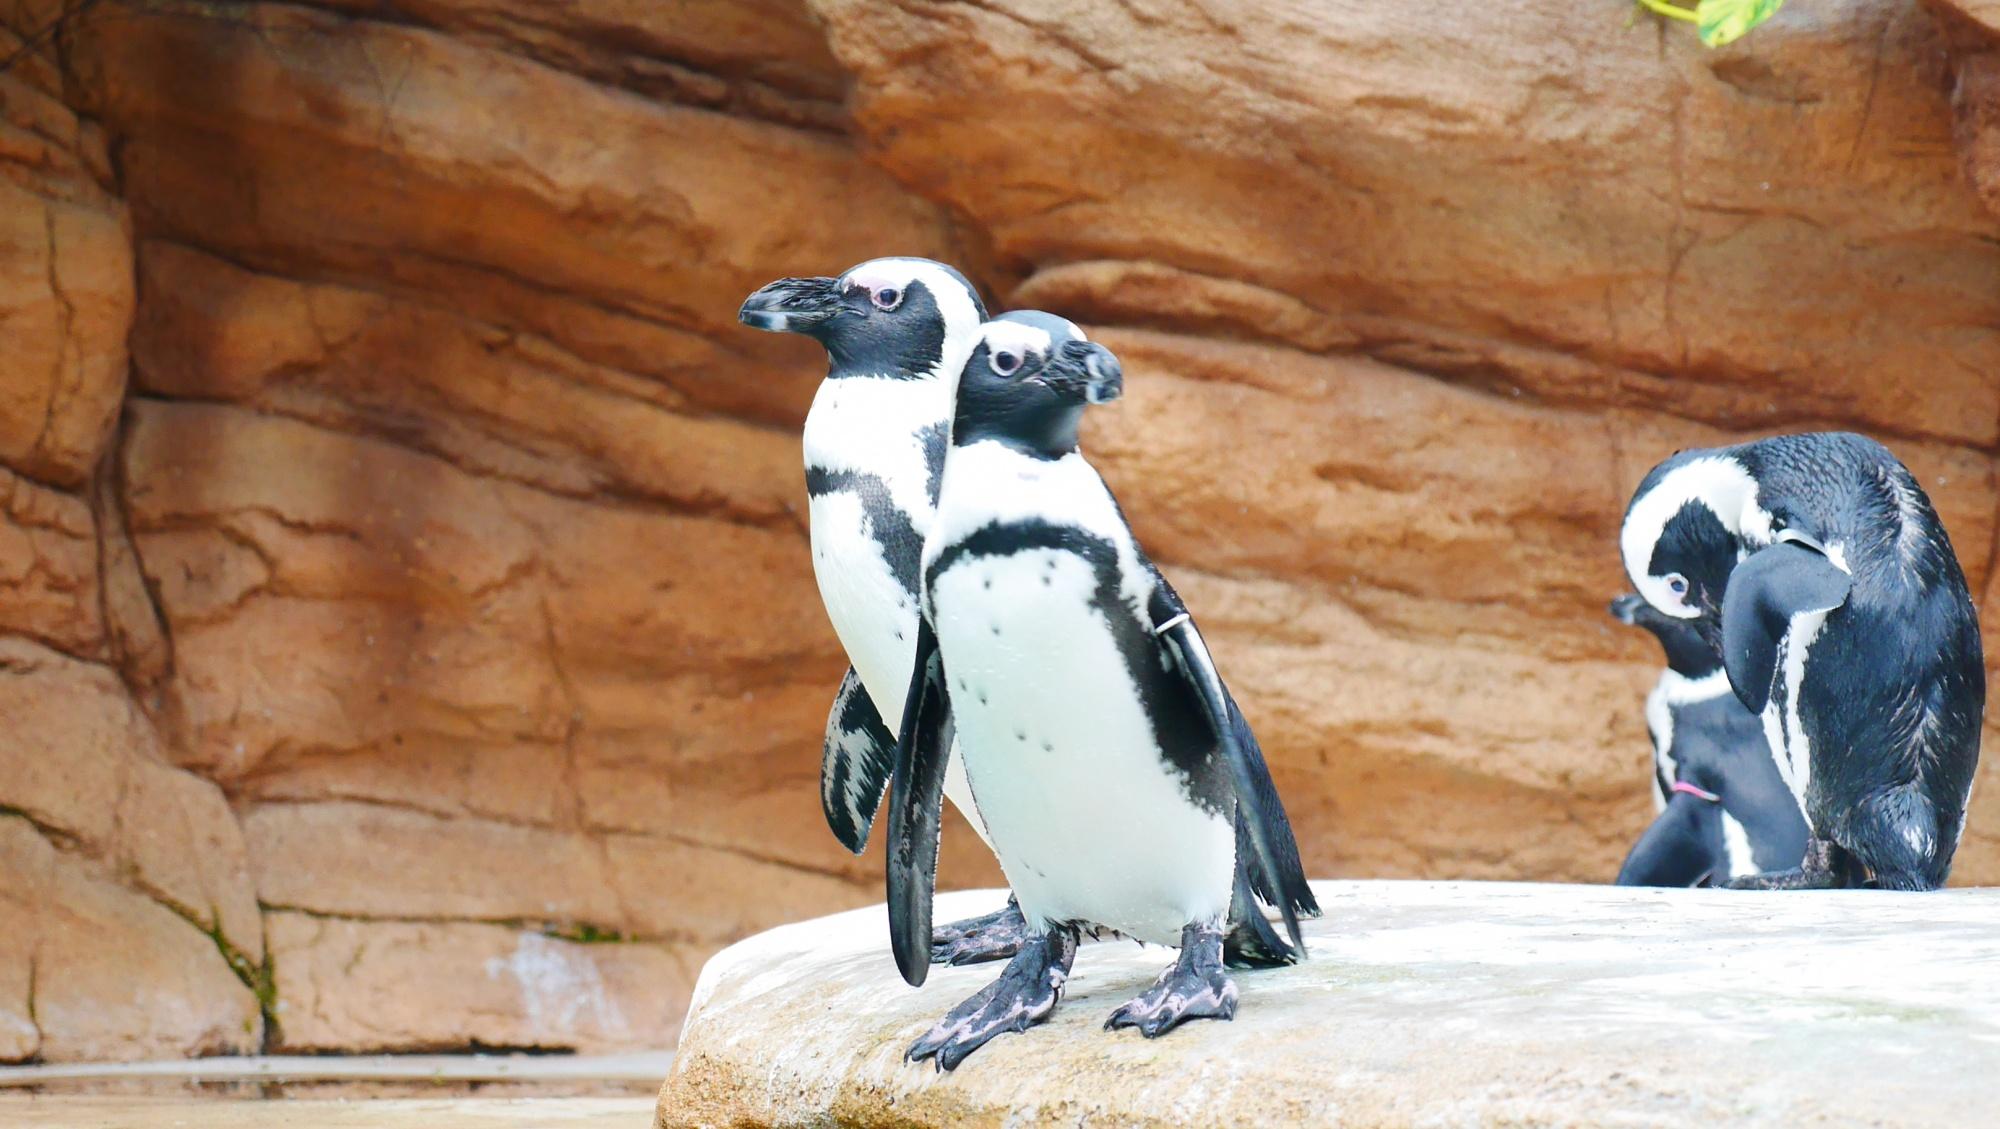 ペンギン(Penguin)